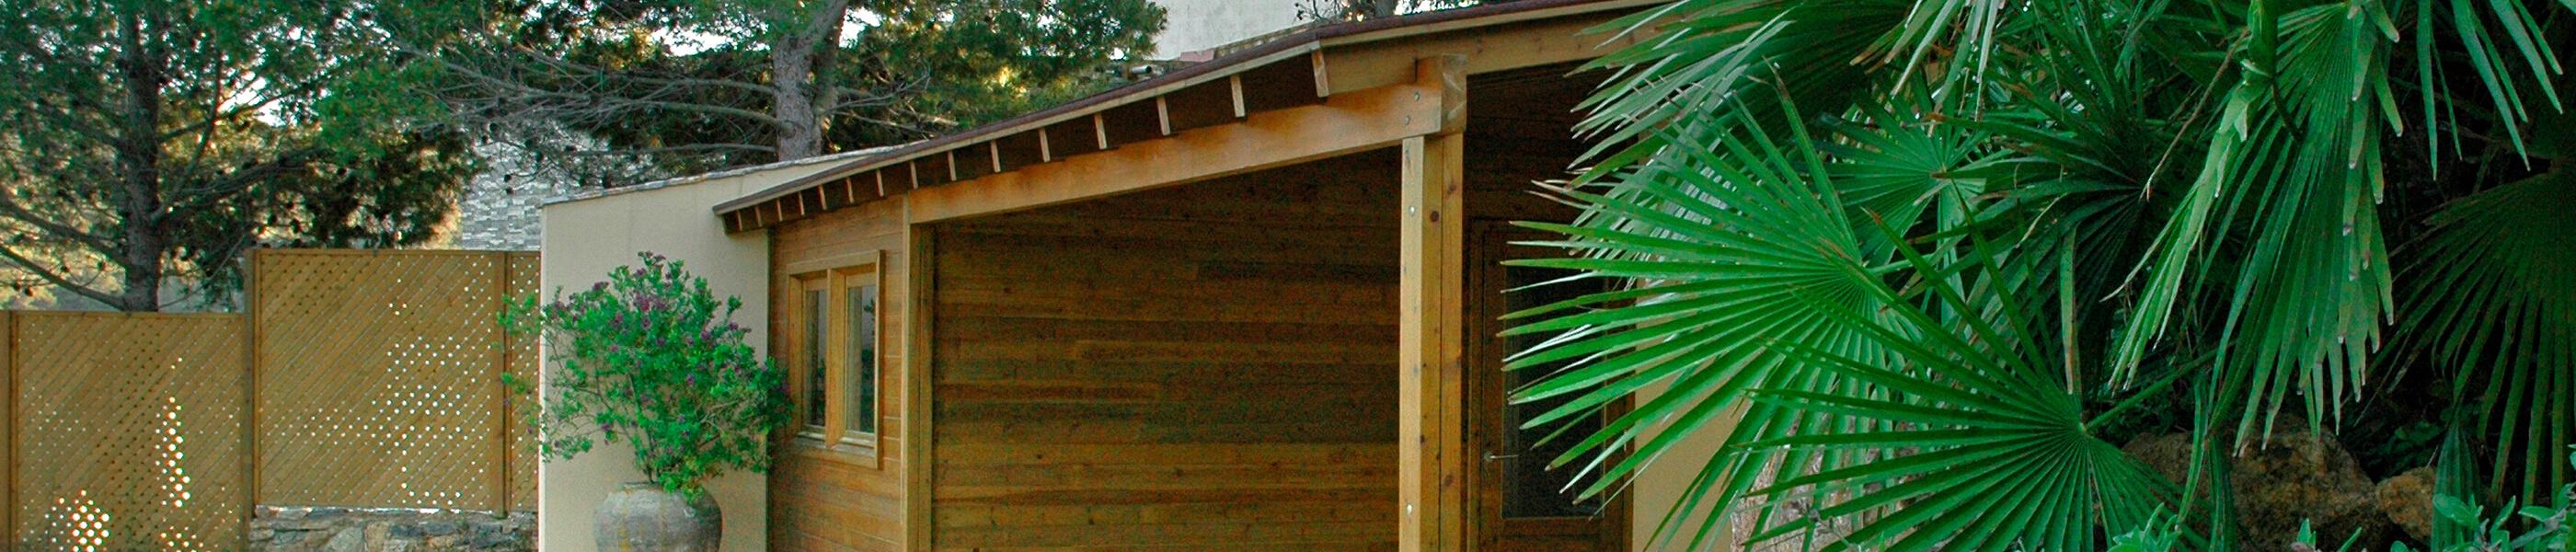 La Pèrgola - Madera para construcciones de exterior